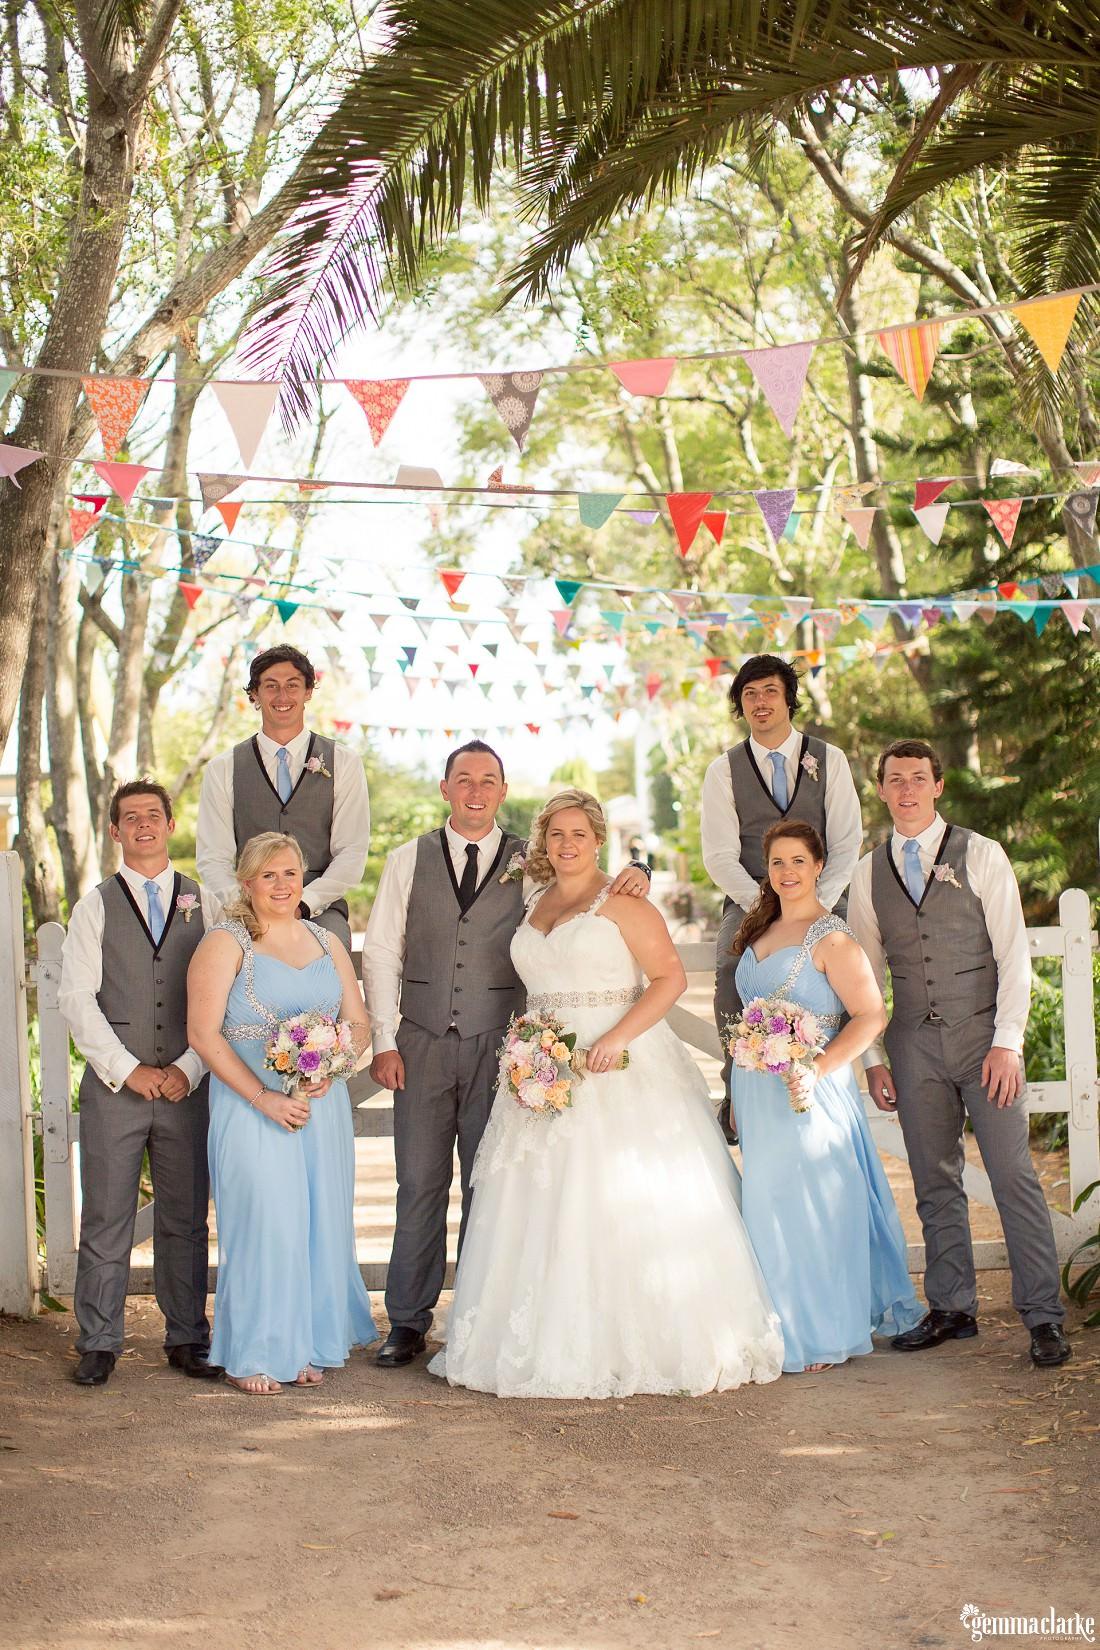 gemmaclarkephotography_meribee-wedding_south-coast-wedding_samantha-and-luke_0041